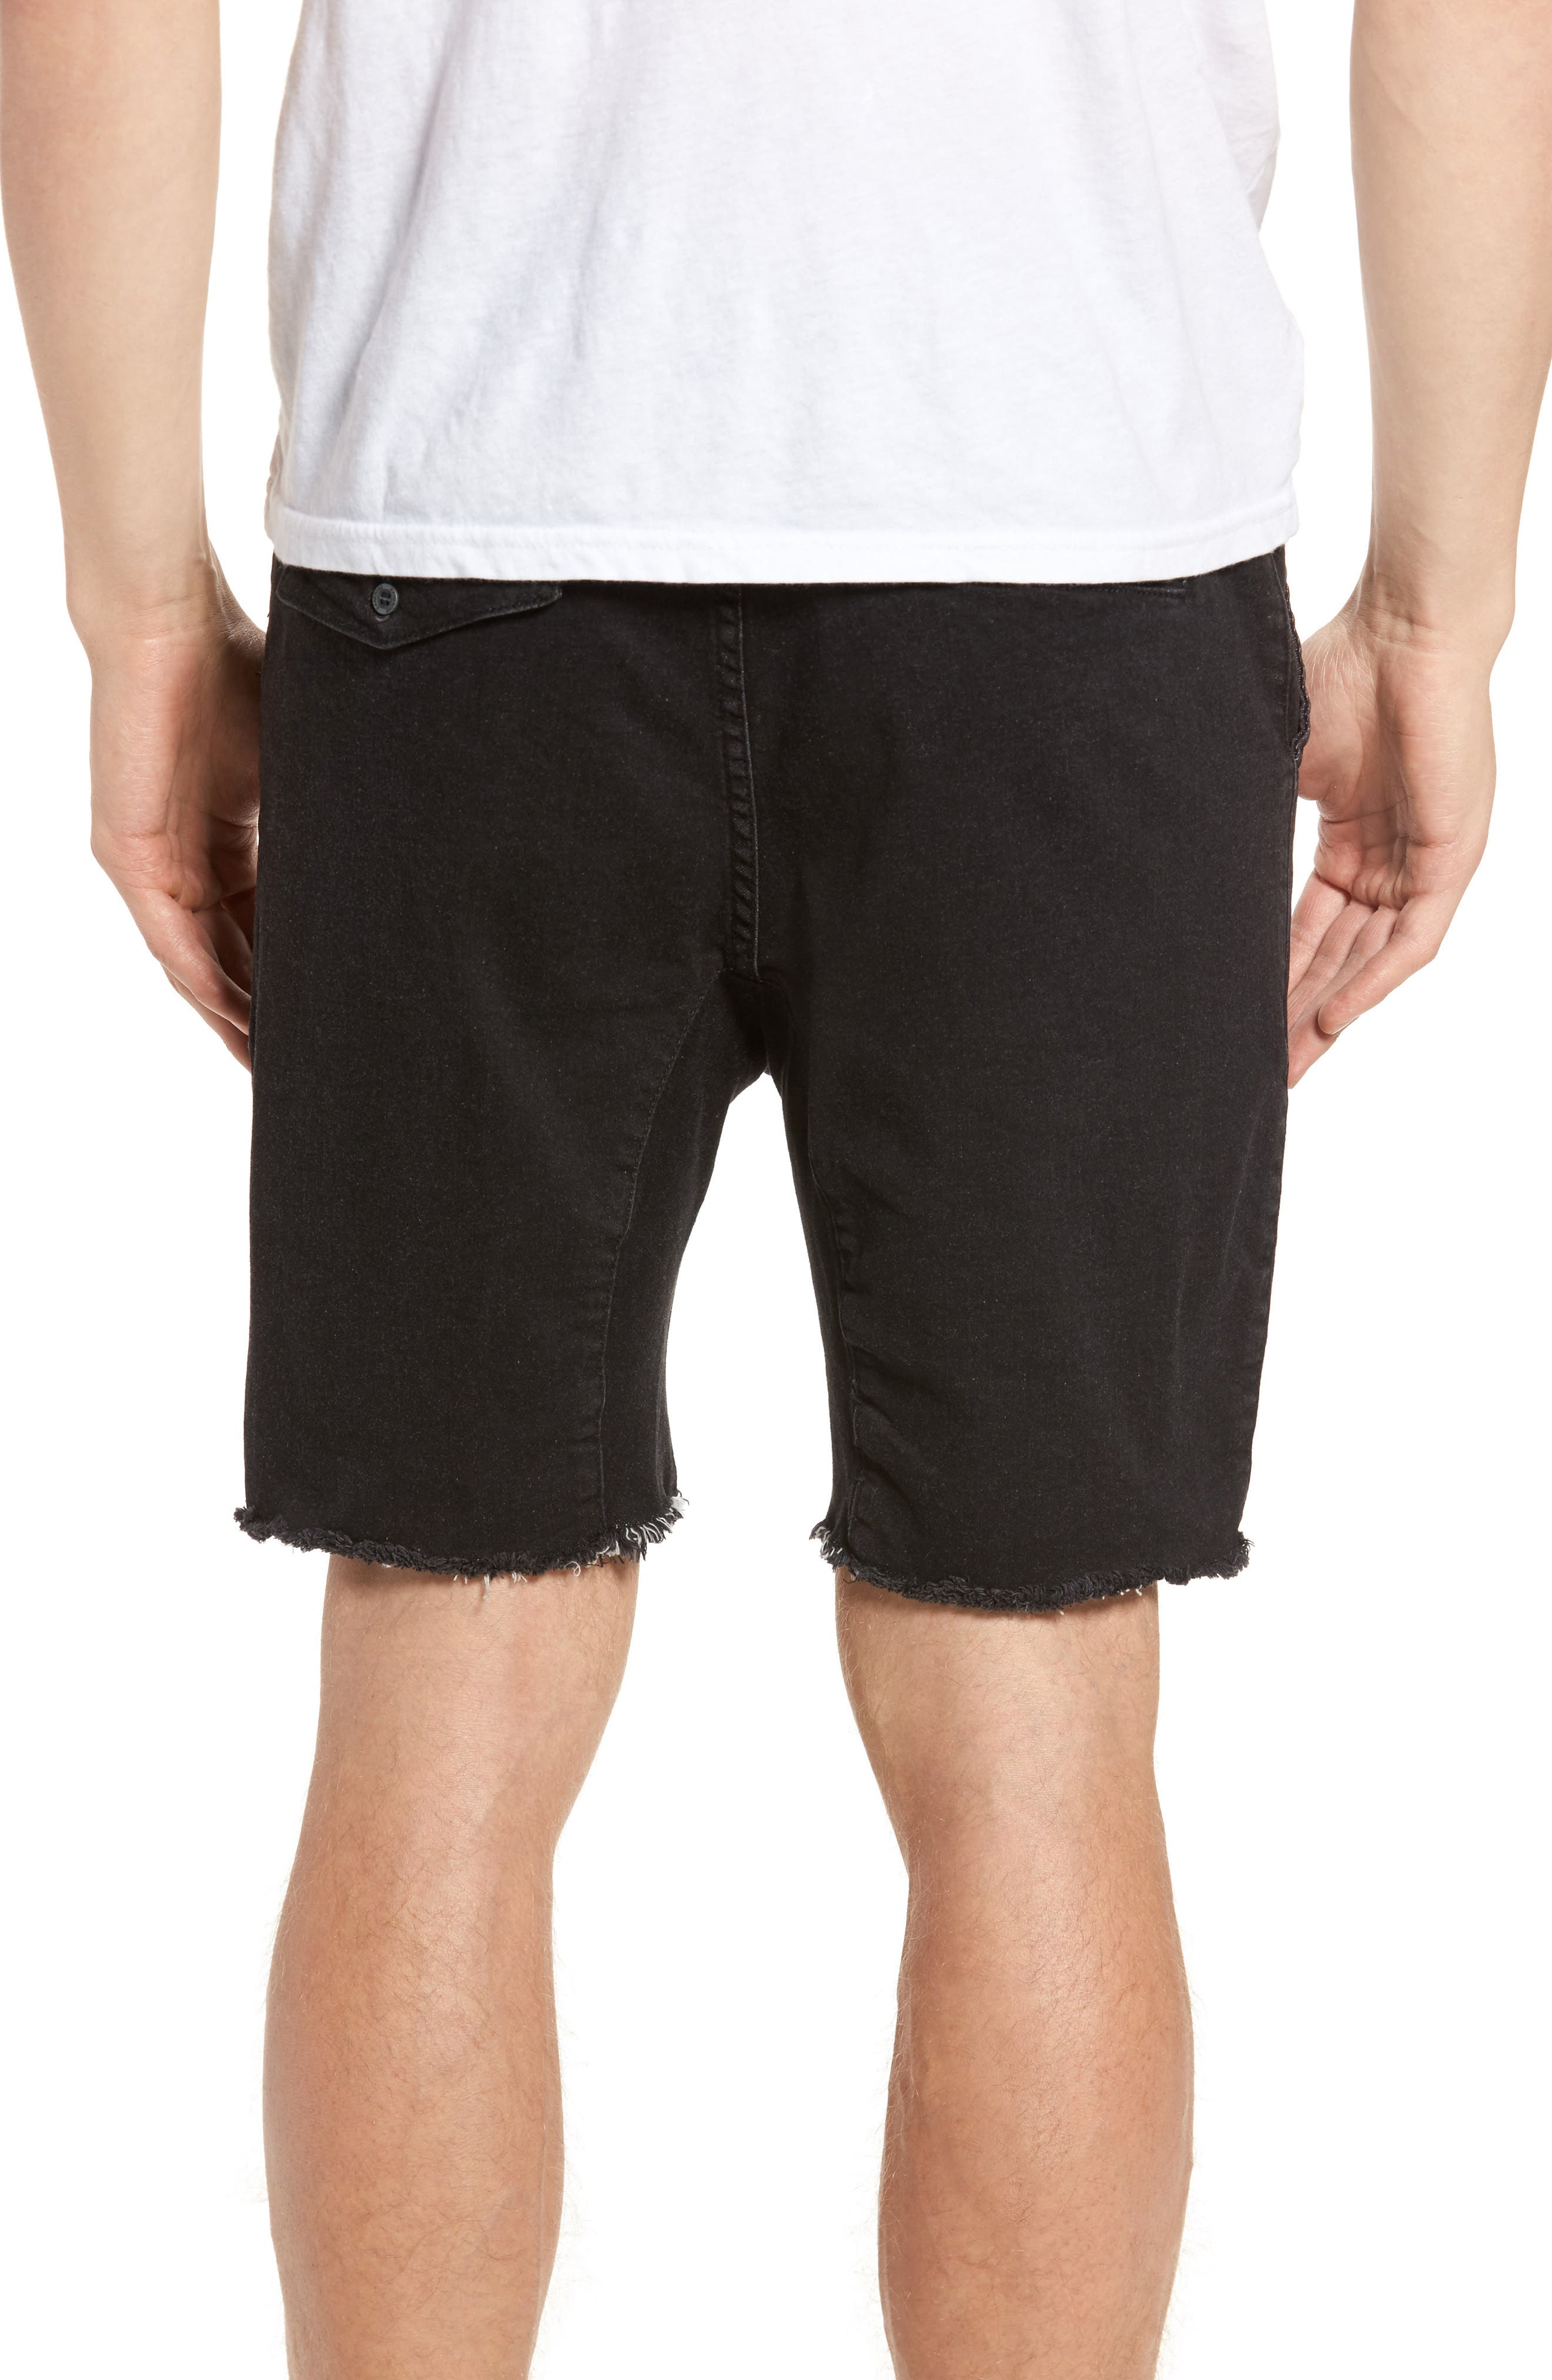 Sureshot Chino Shorts,                             Alternate thumbnail 2, color,                             BLACK WASH